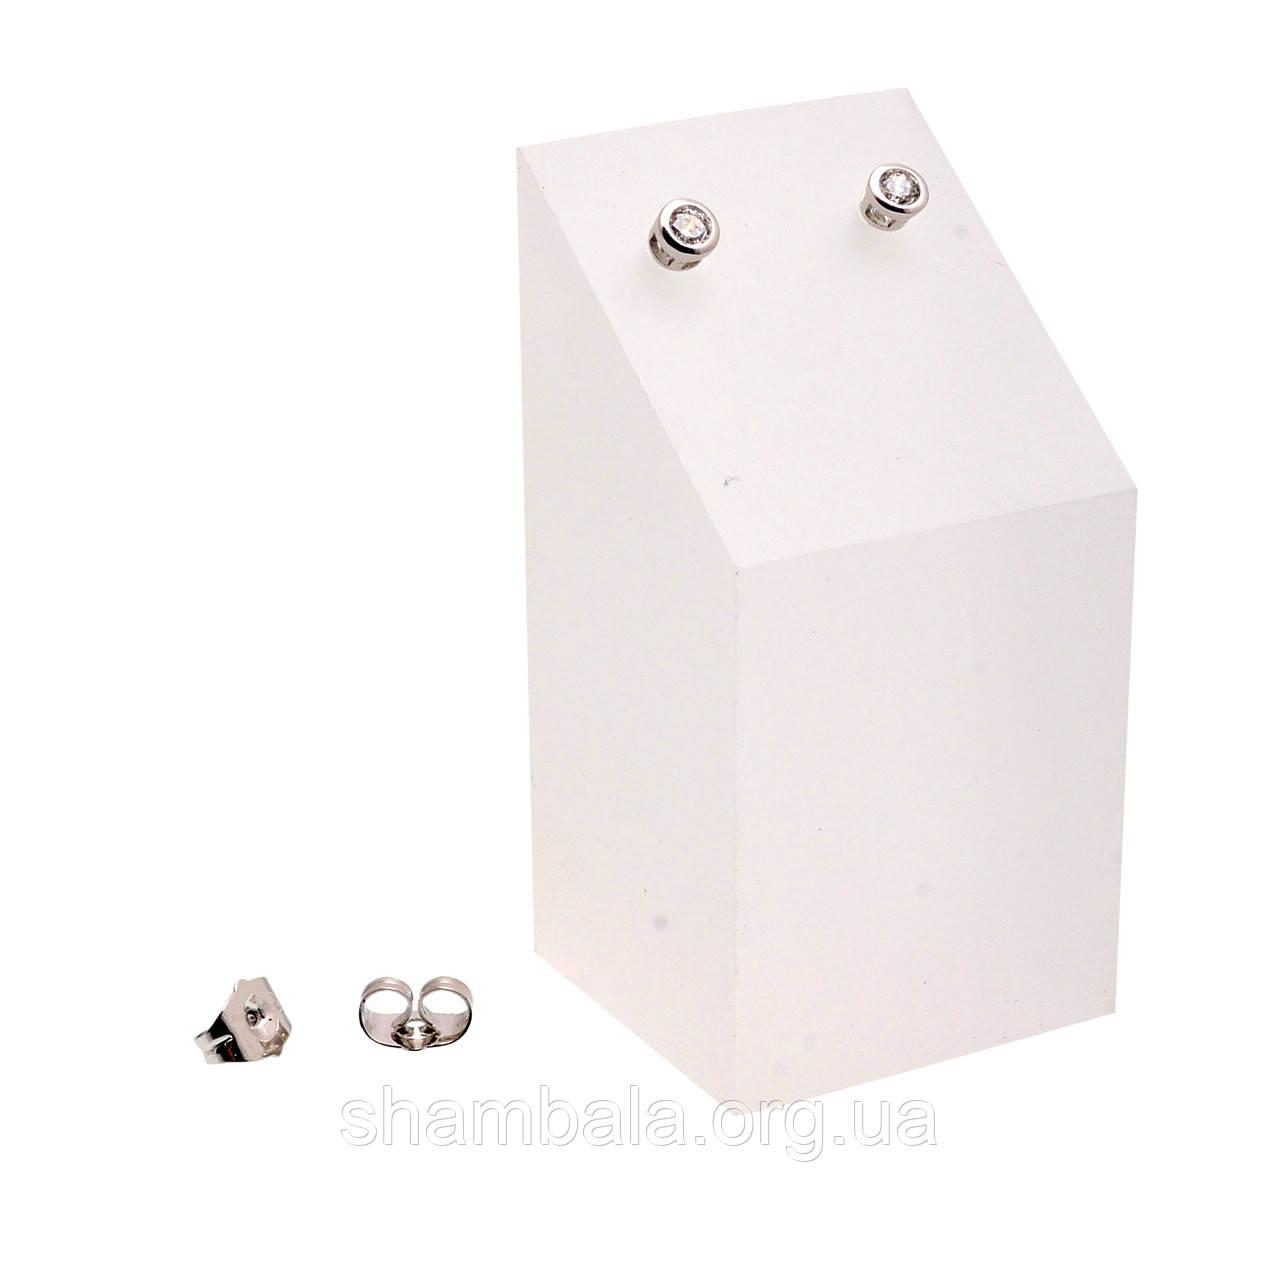 """Серьги-гвоздики Xuping Jewelry """"Камни в оправе"""" серебро (063553)"""